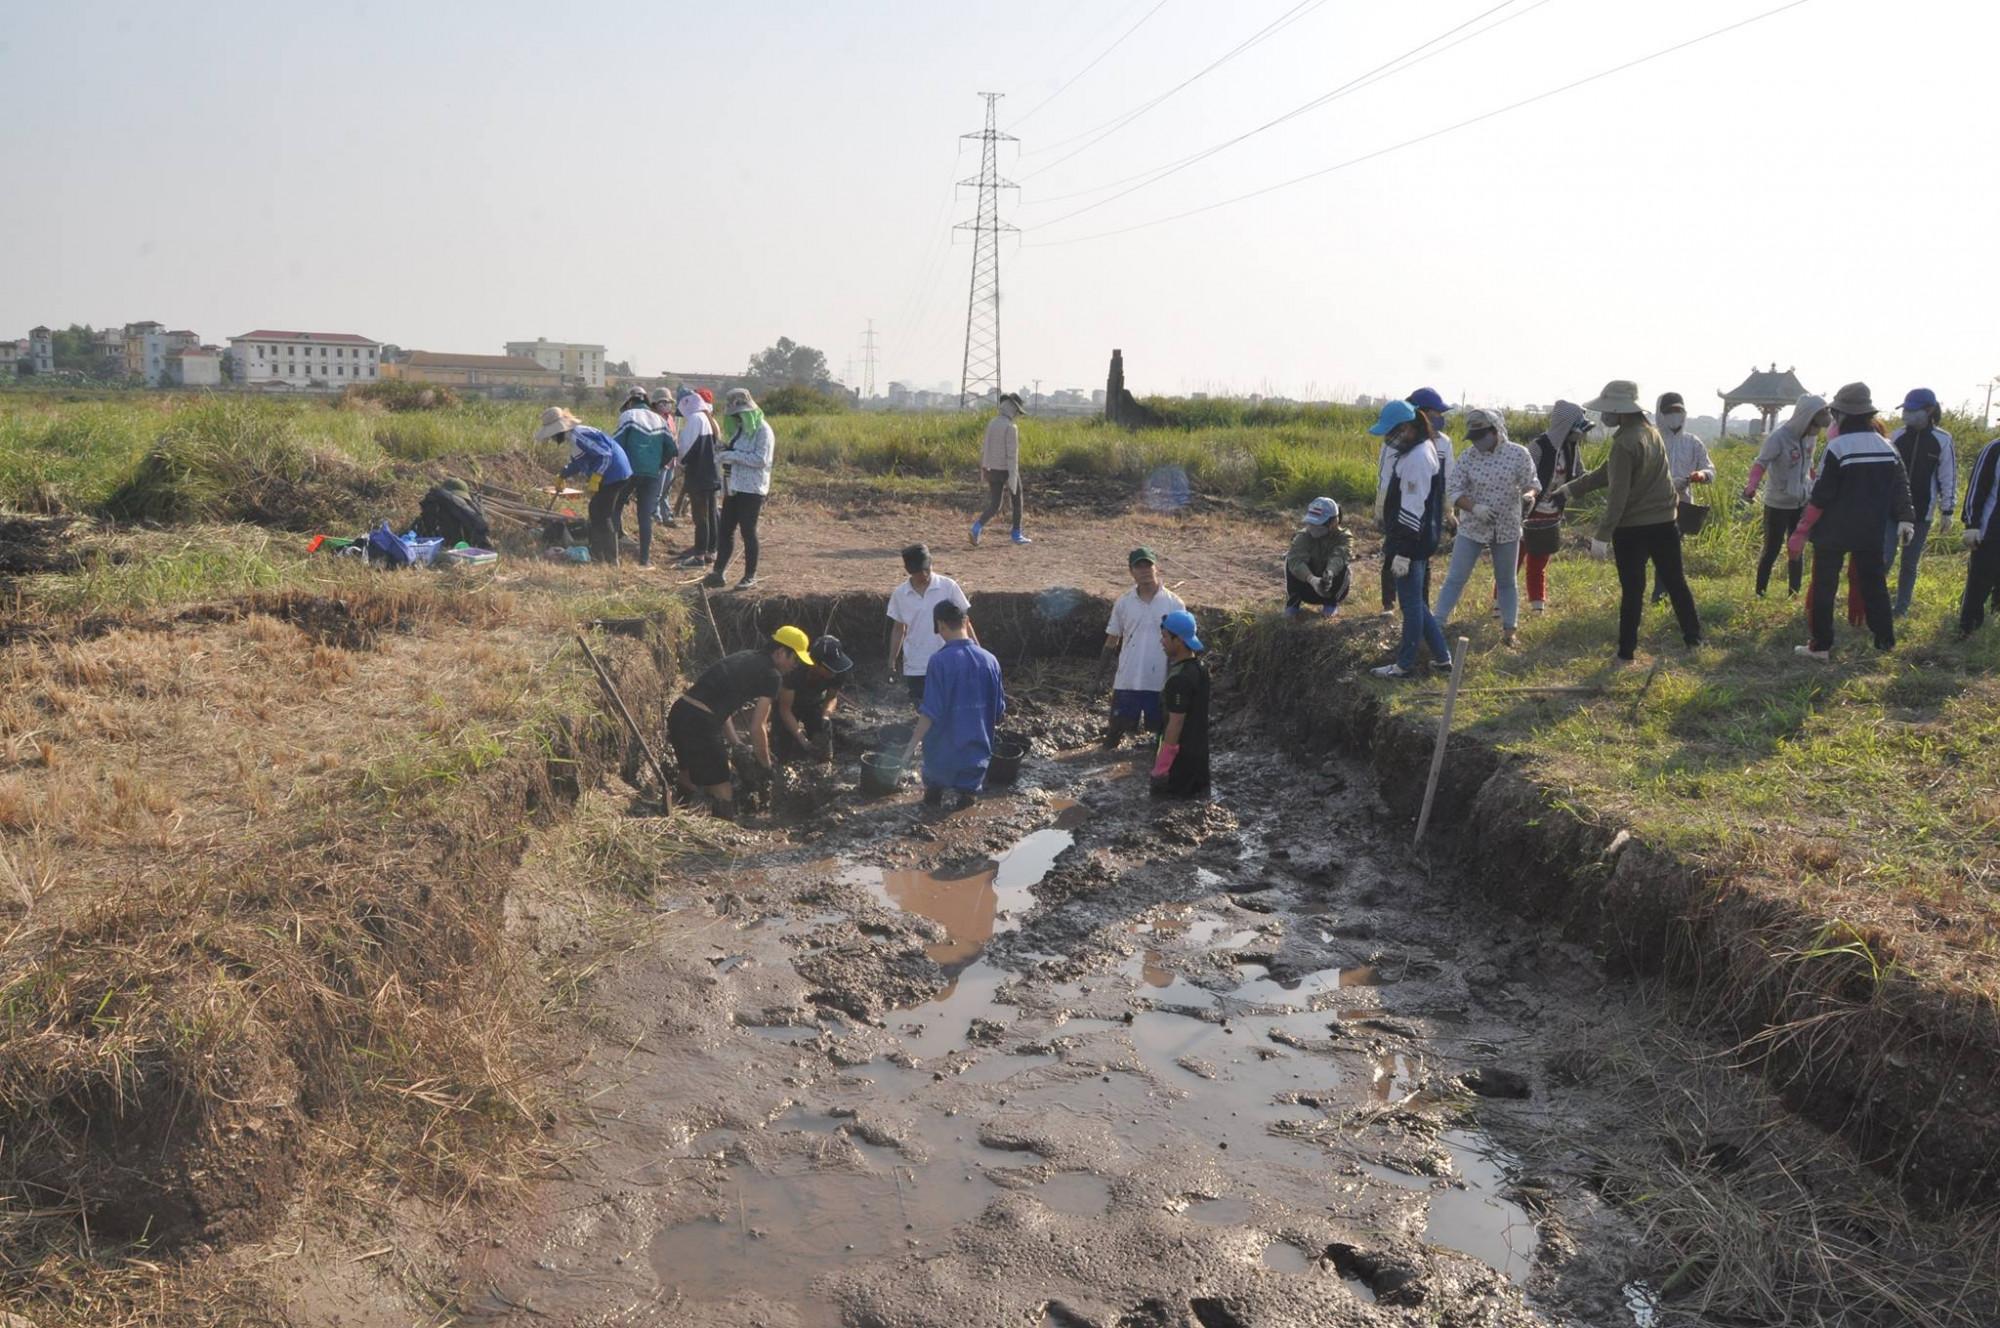 Tại địa điểm Vườn Chuối, kể từ năm 1969 đến nay đã có hàng chục cuộc khai quật.